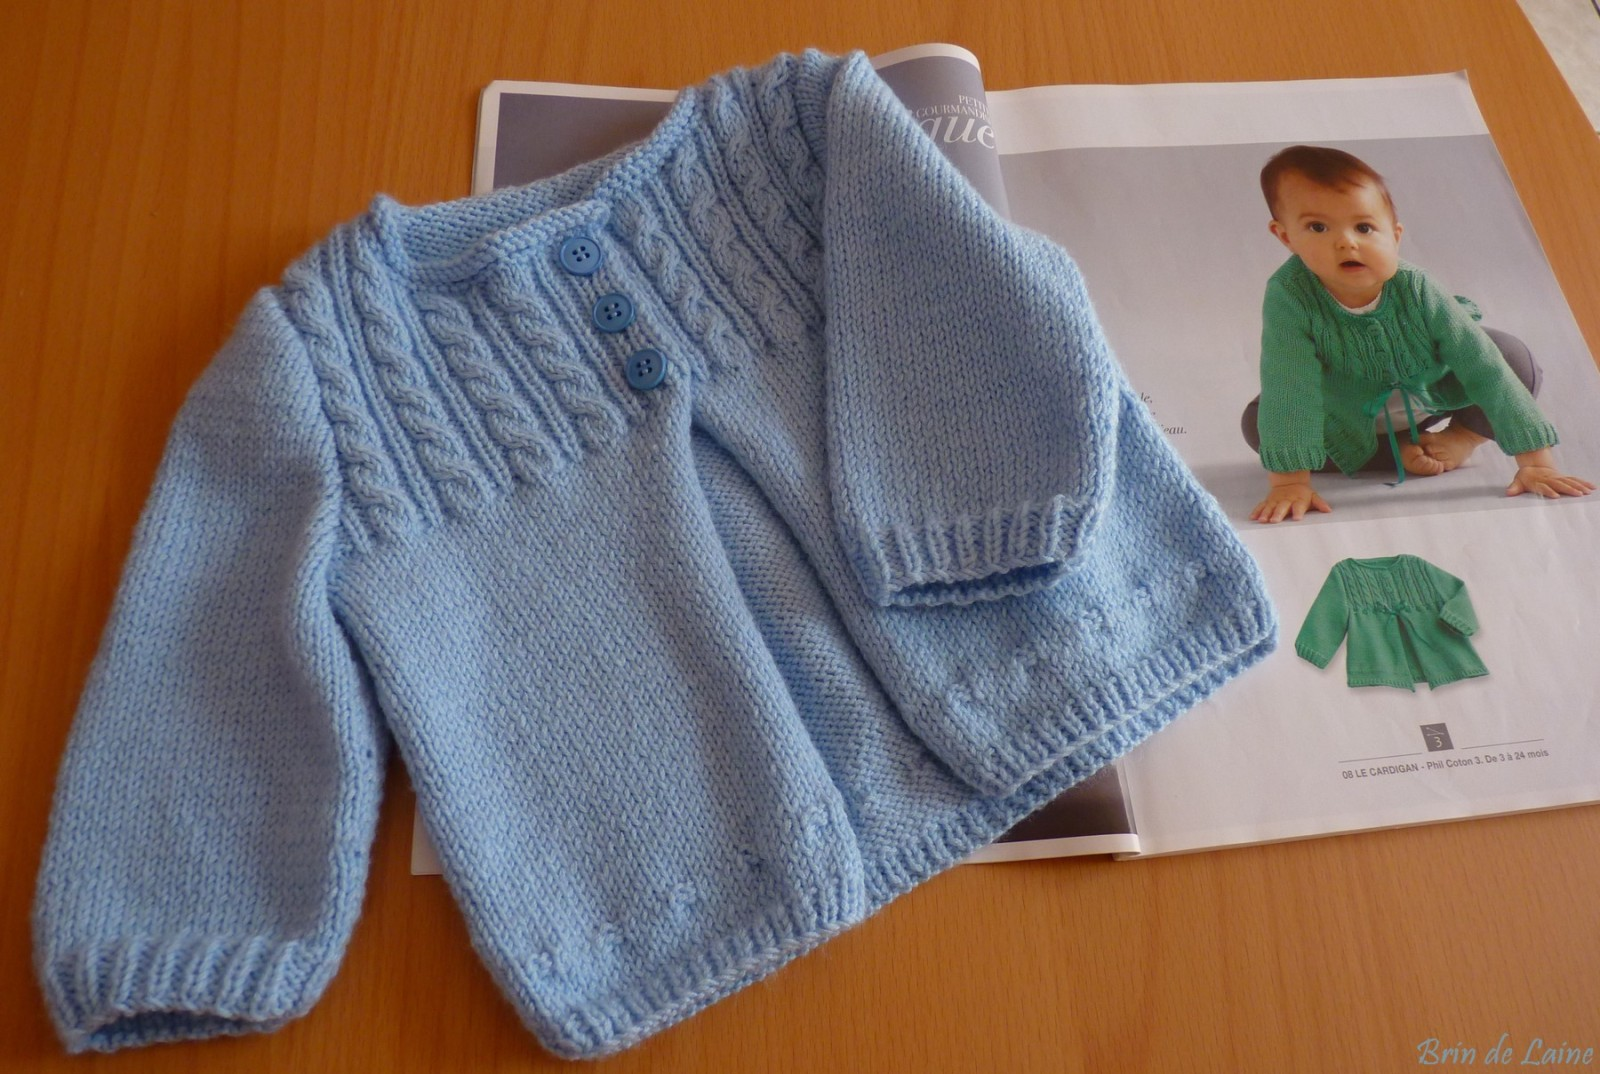 Modele tricot layette naissance gratuit phildar - Apprendre a tricoter debutant ...